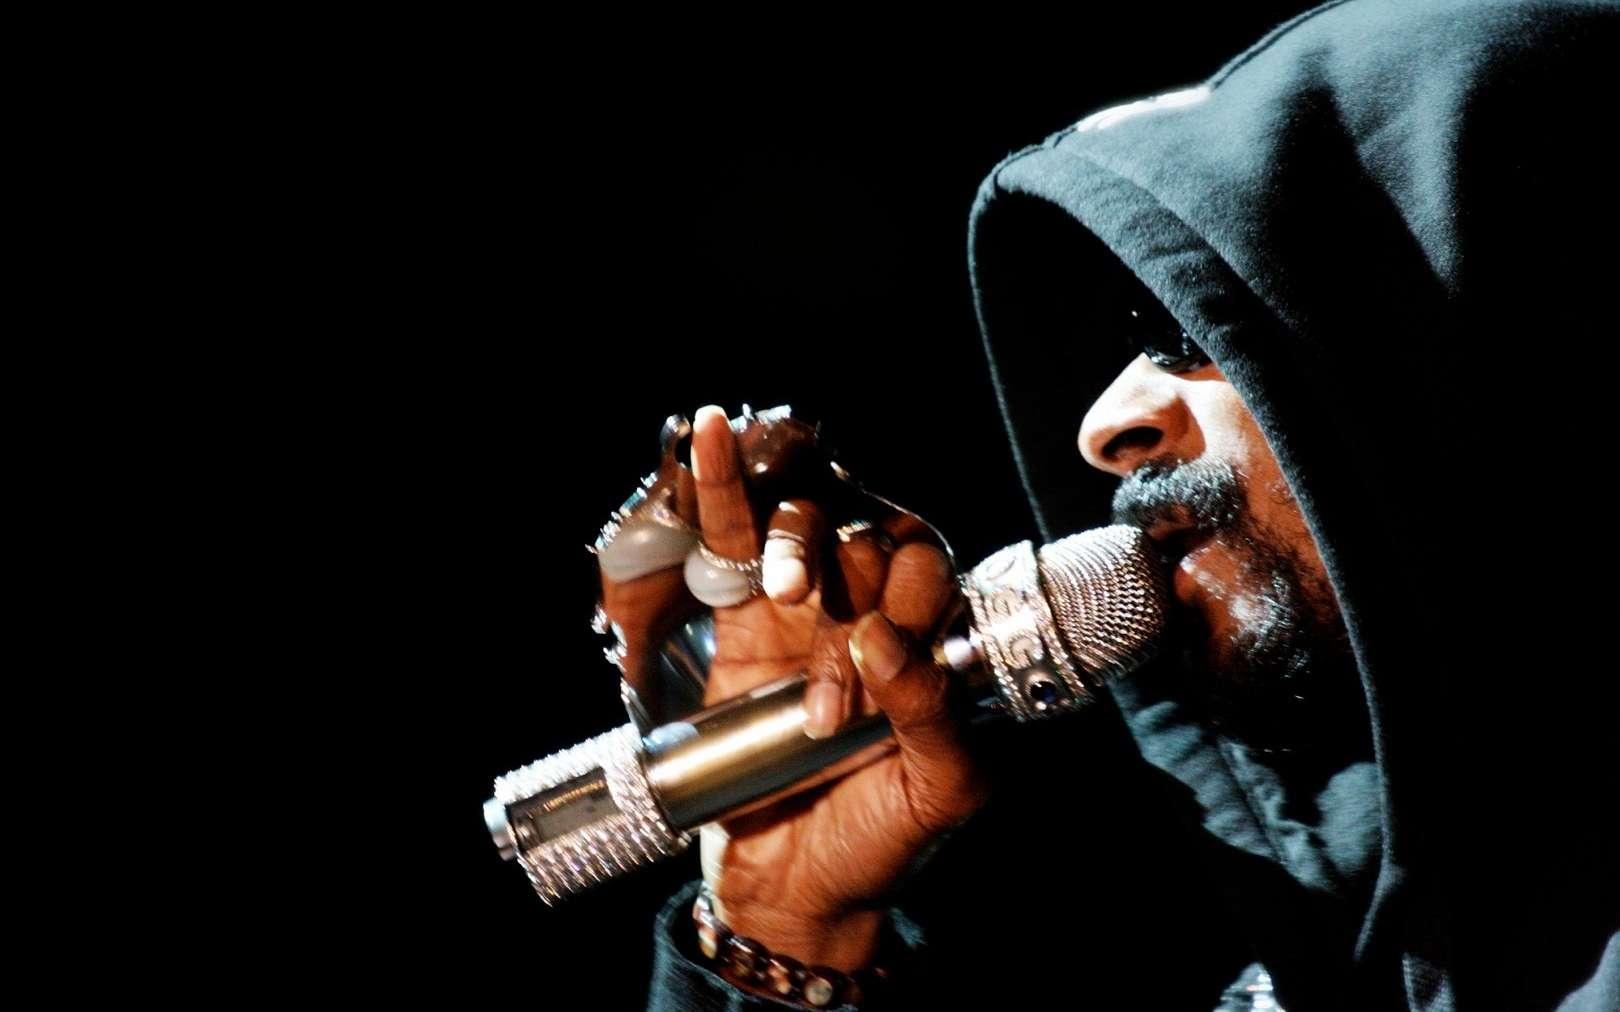 Le célèbre rappeur américain Snoop Dogg a excellé dans l'art du freestyle rap. Cette créativité linguistique est due avant tout à l'inhibition des régions impliquées dans le contrôle de soi. © punk17er, Fotopédia, cc by sa 2.0